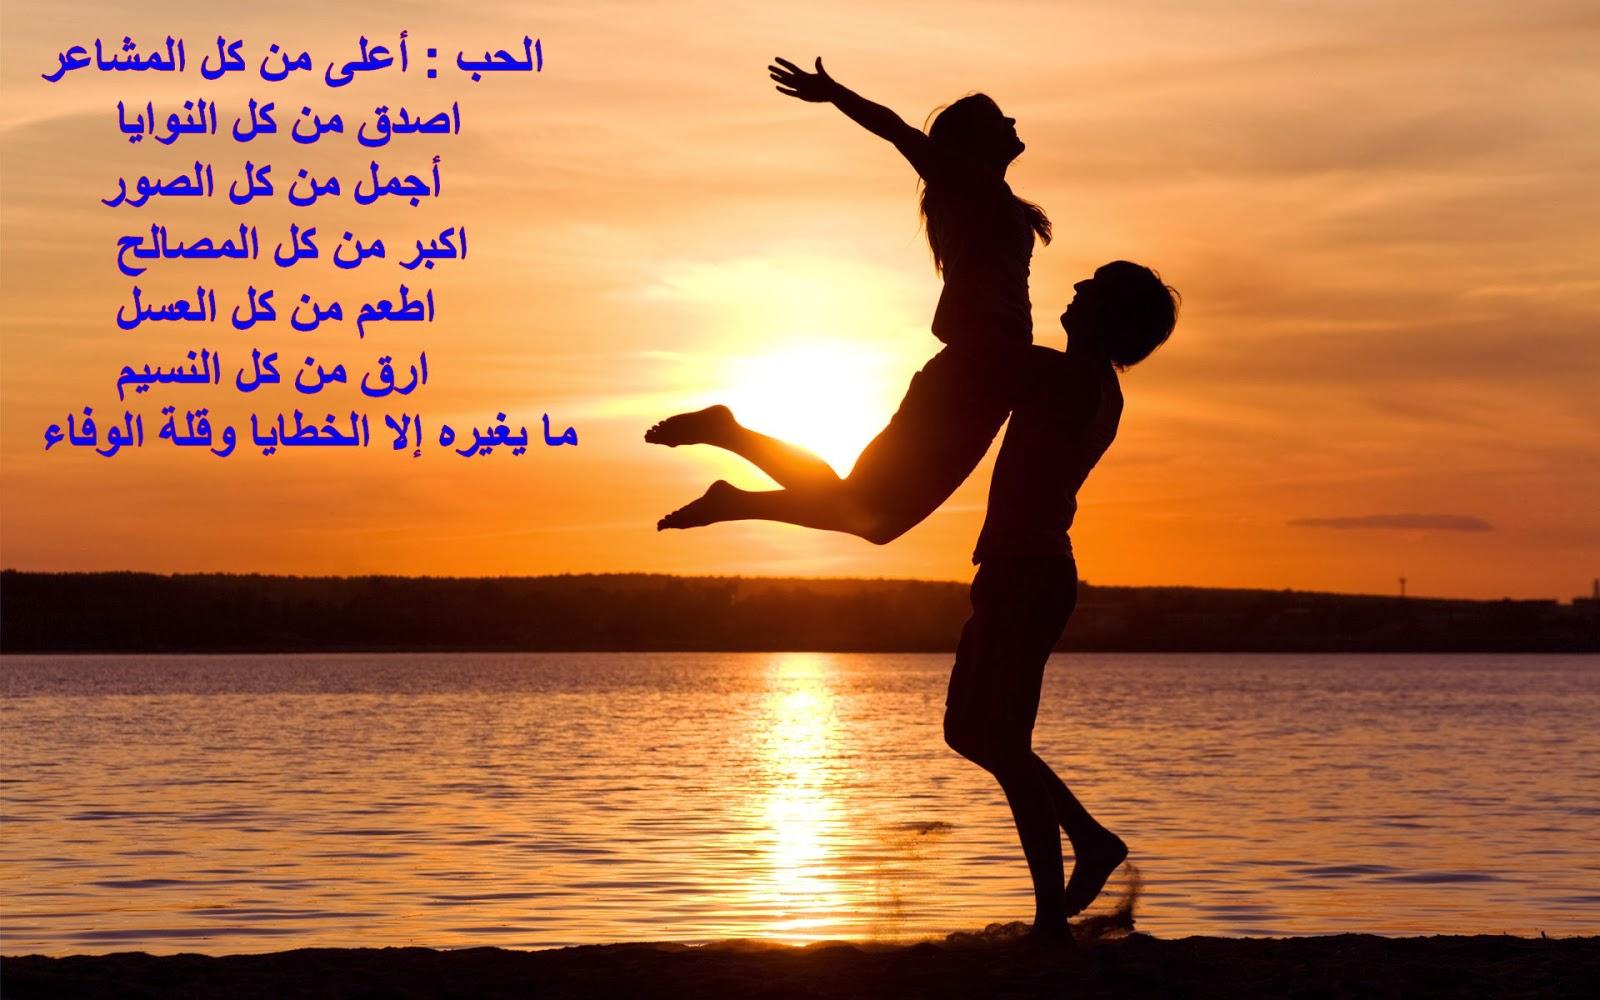 صوره اجمل اشعار الحب , اجمل ما قيل من اشعار في الحب